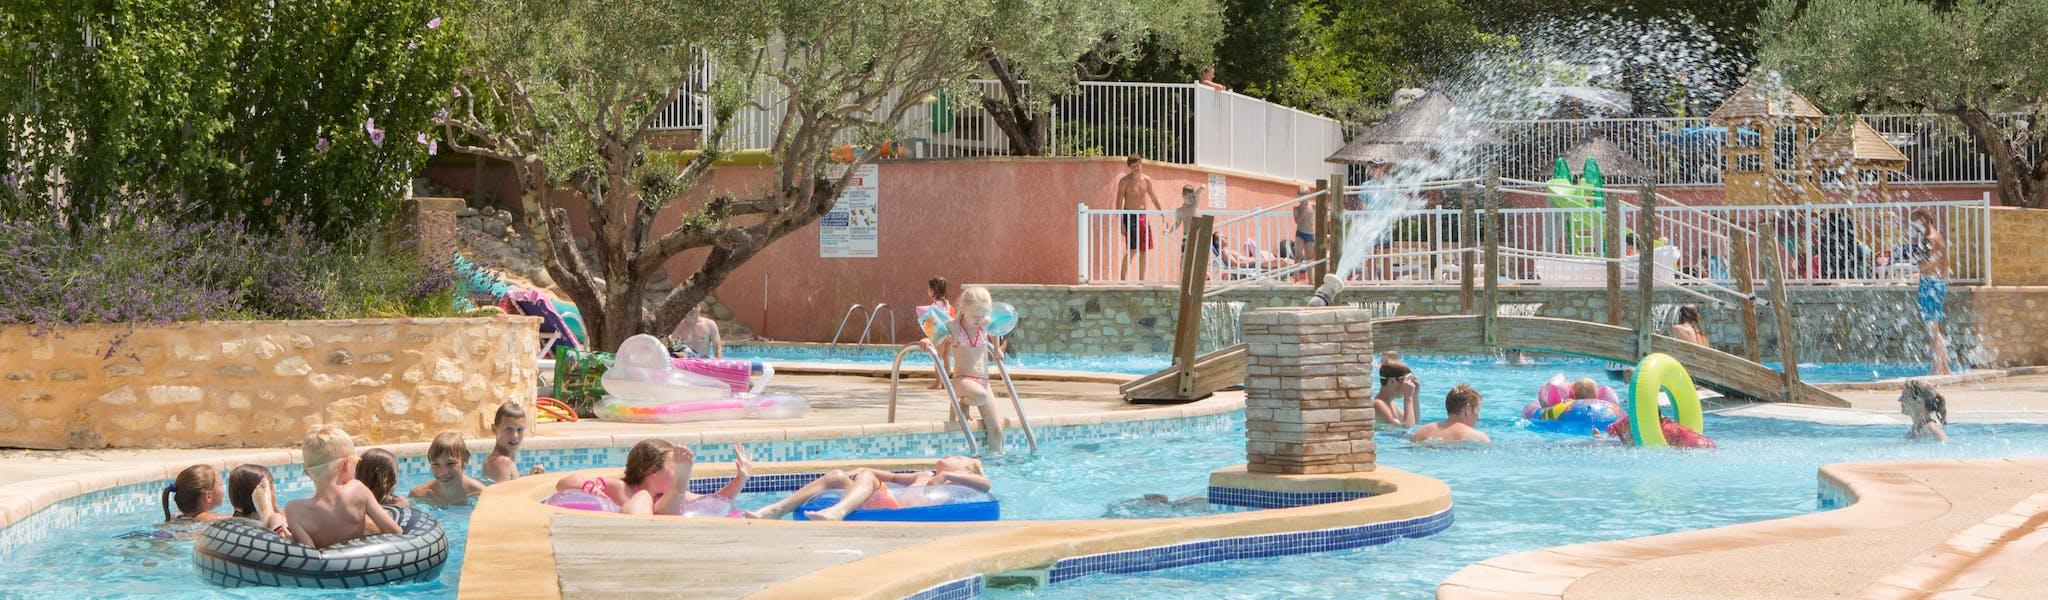 Buitenzwembad camping Domaine de Labeiller